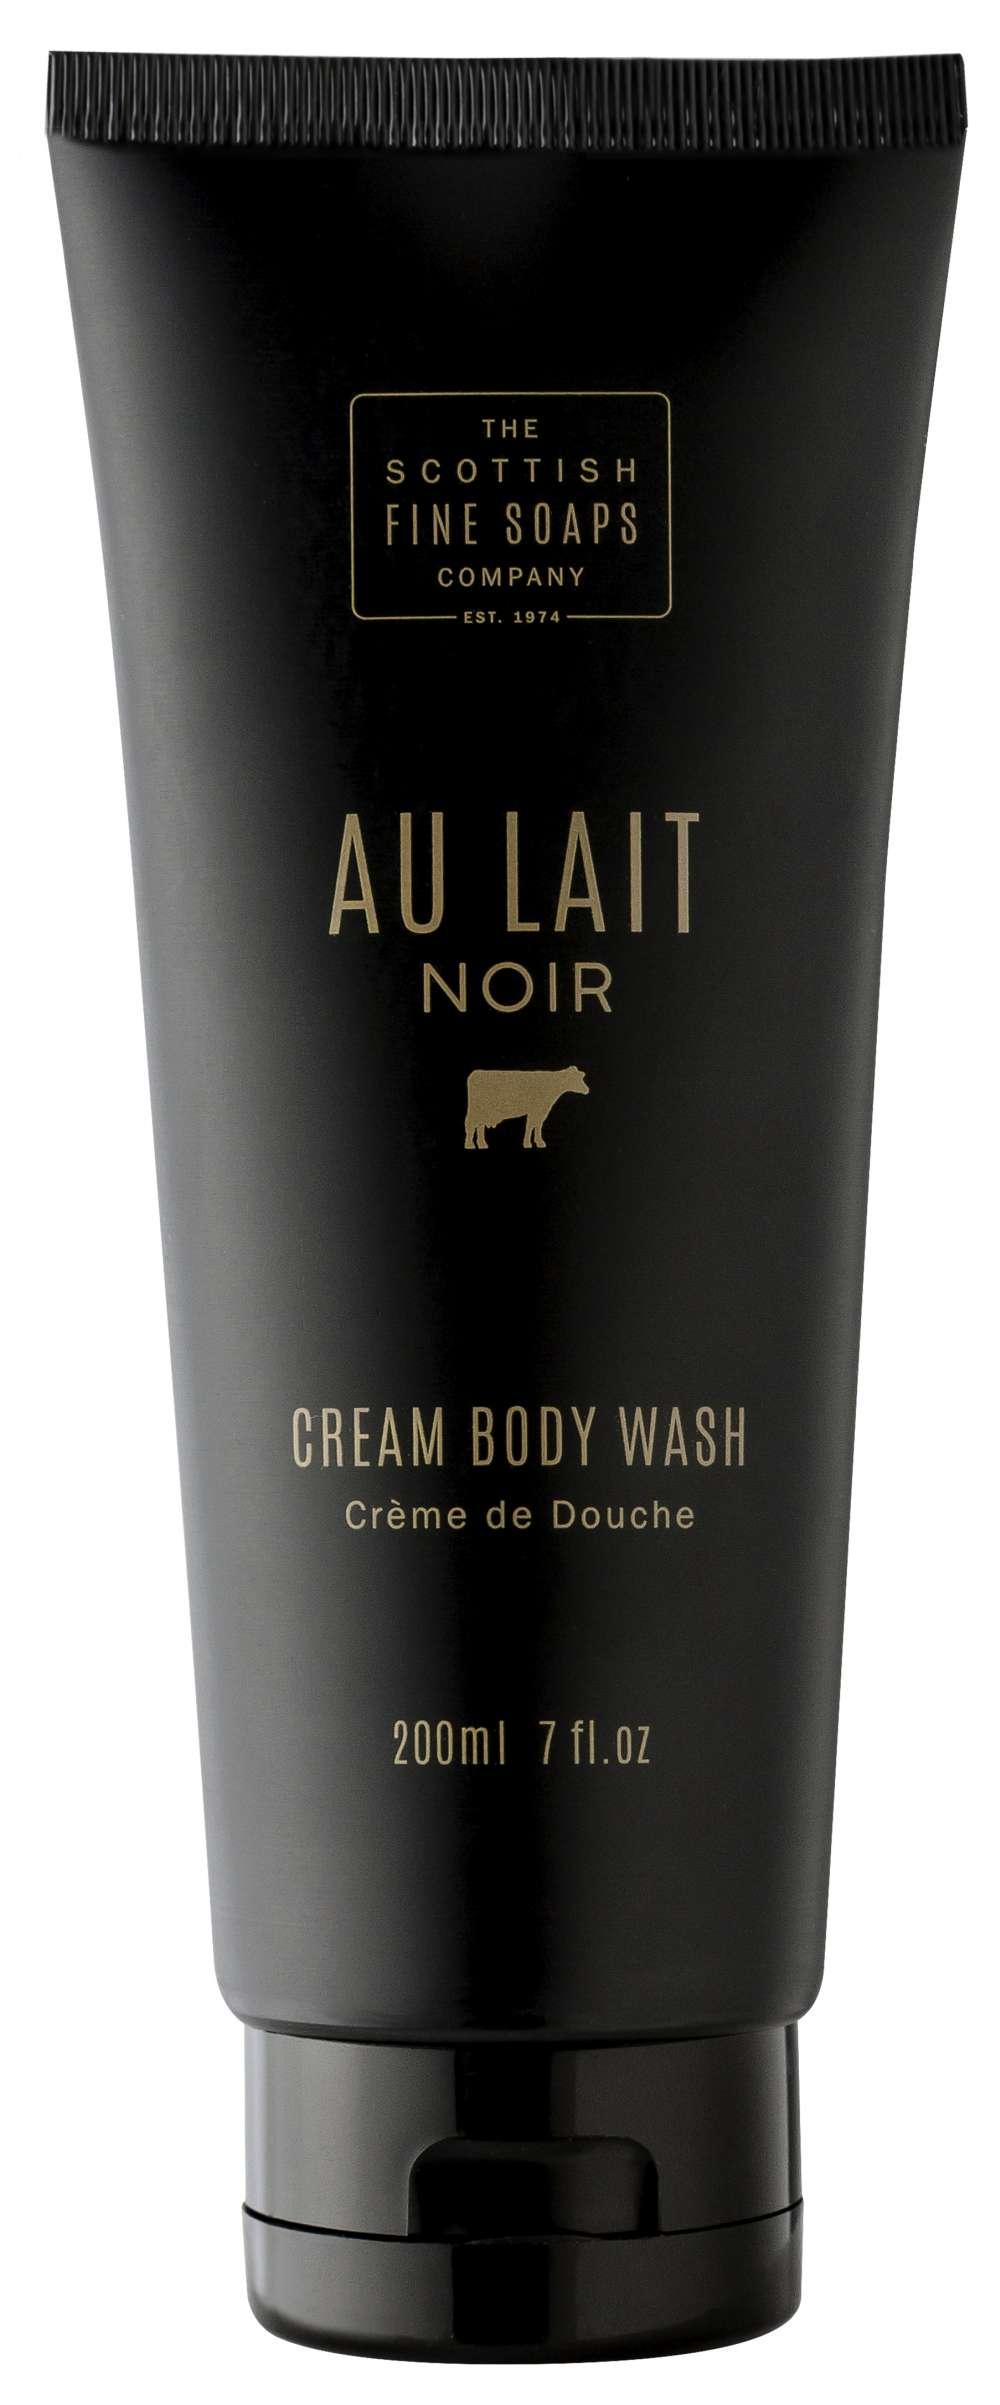 A00271 au lait noir body wash 200ml